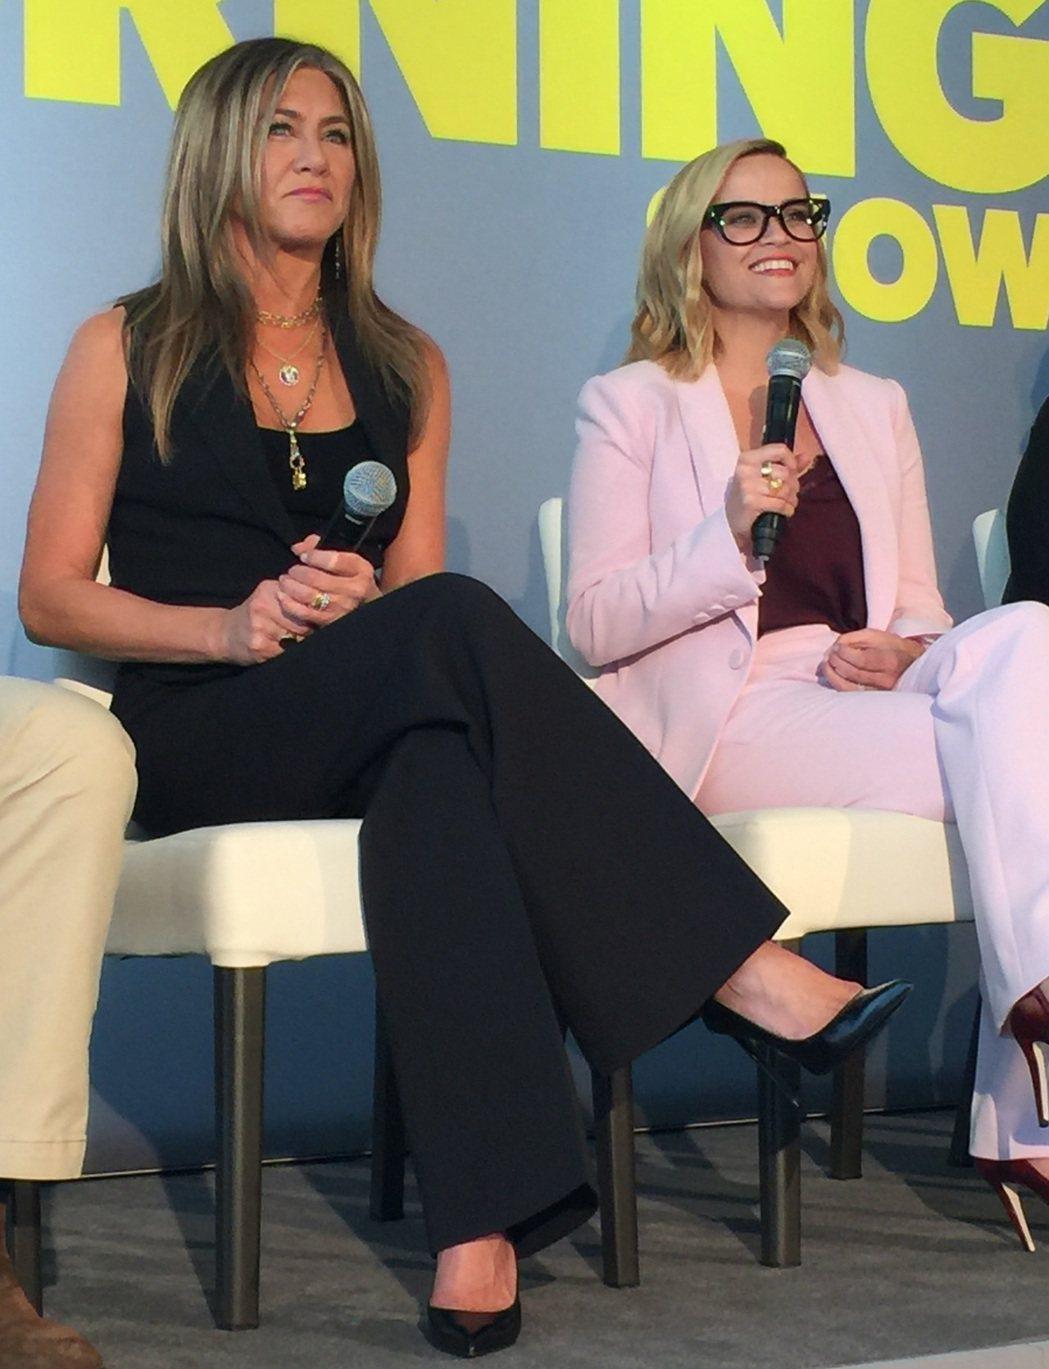 珍妮佛安妮絲頓與瑞絲薇絲朋接受國際媒體訪問,展現不同丰采。記者蘇詠智/攝影